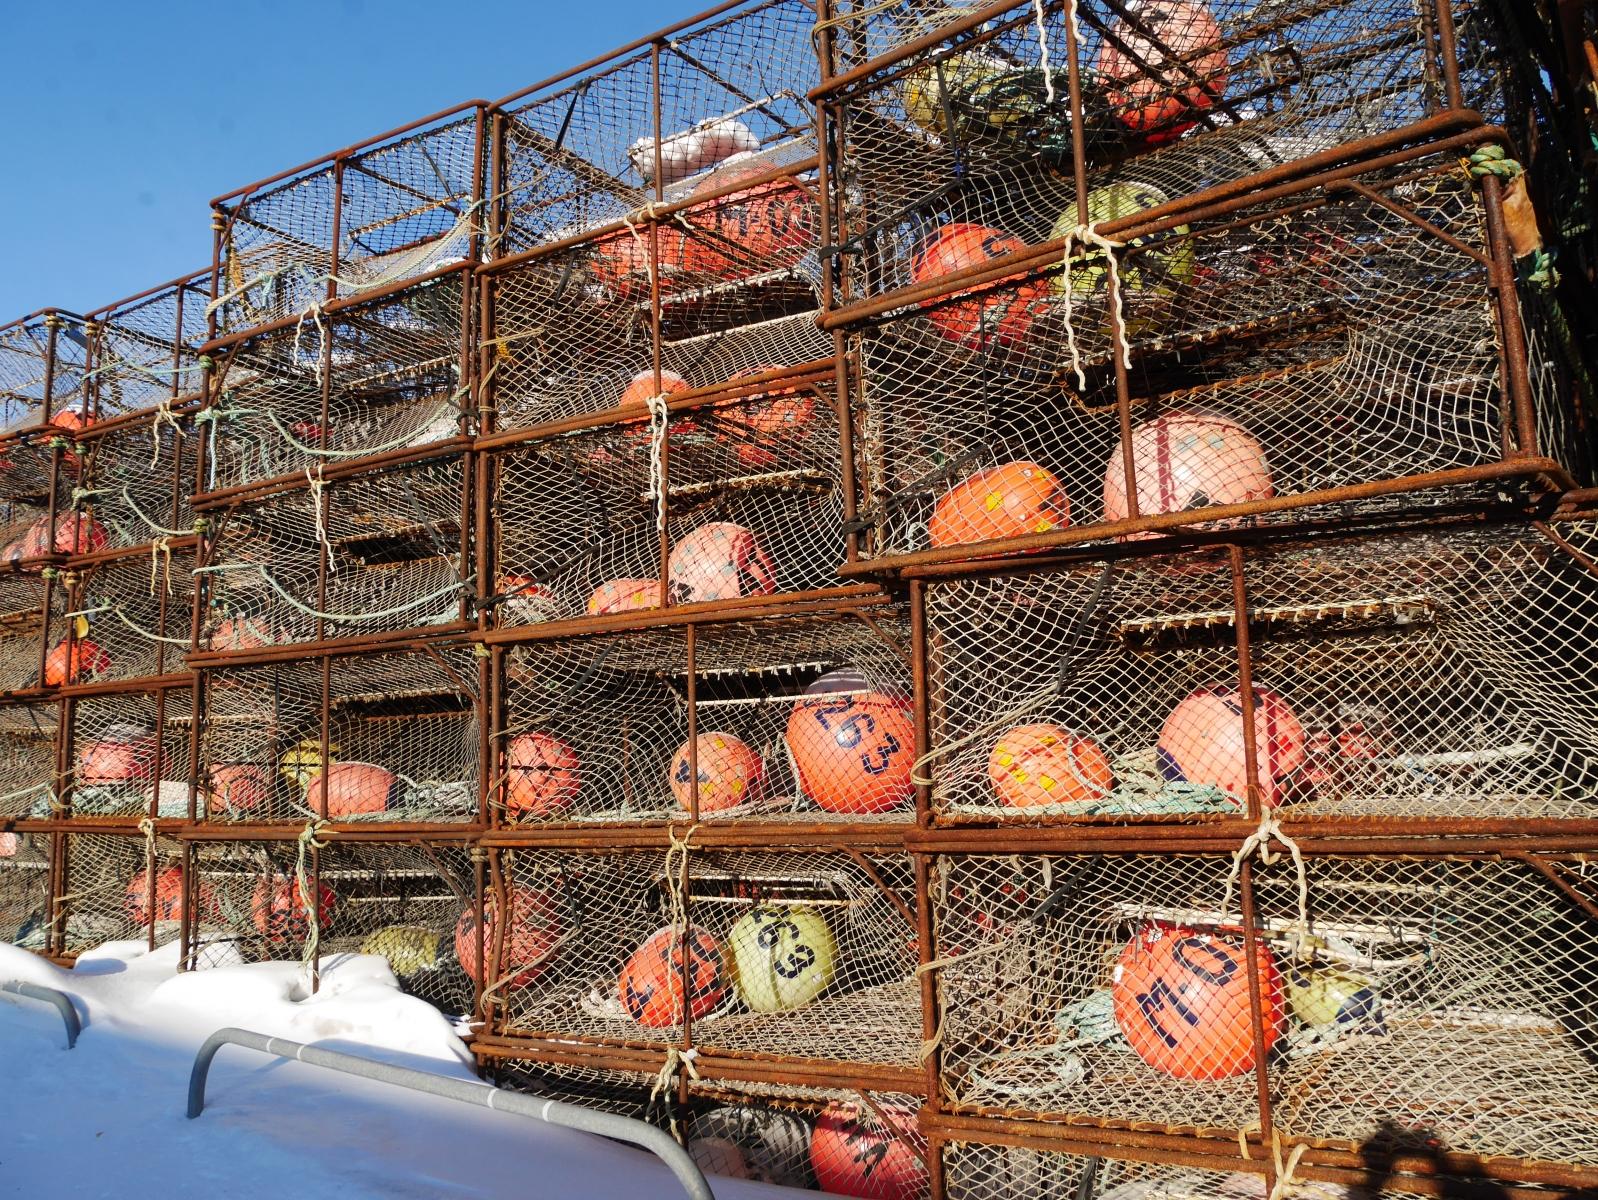 Diese Käfige werden im Winter an der Nordküste ausgebracht und dienen dem Fang der Königskrabbe.